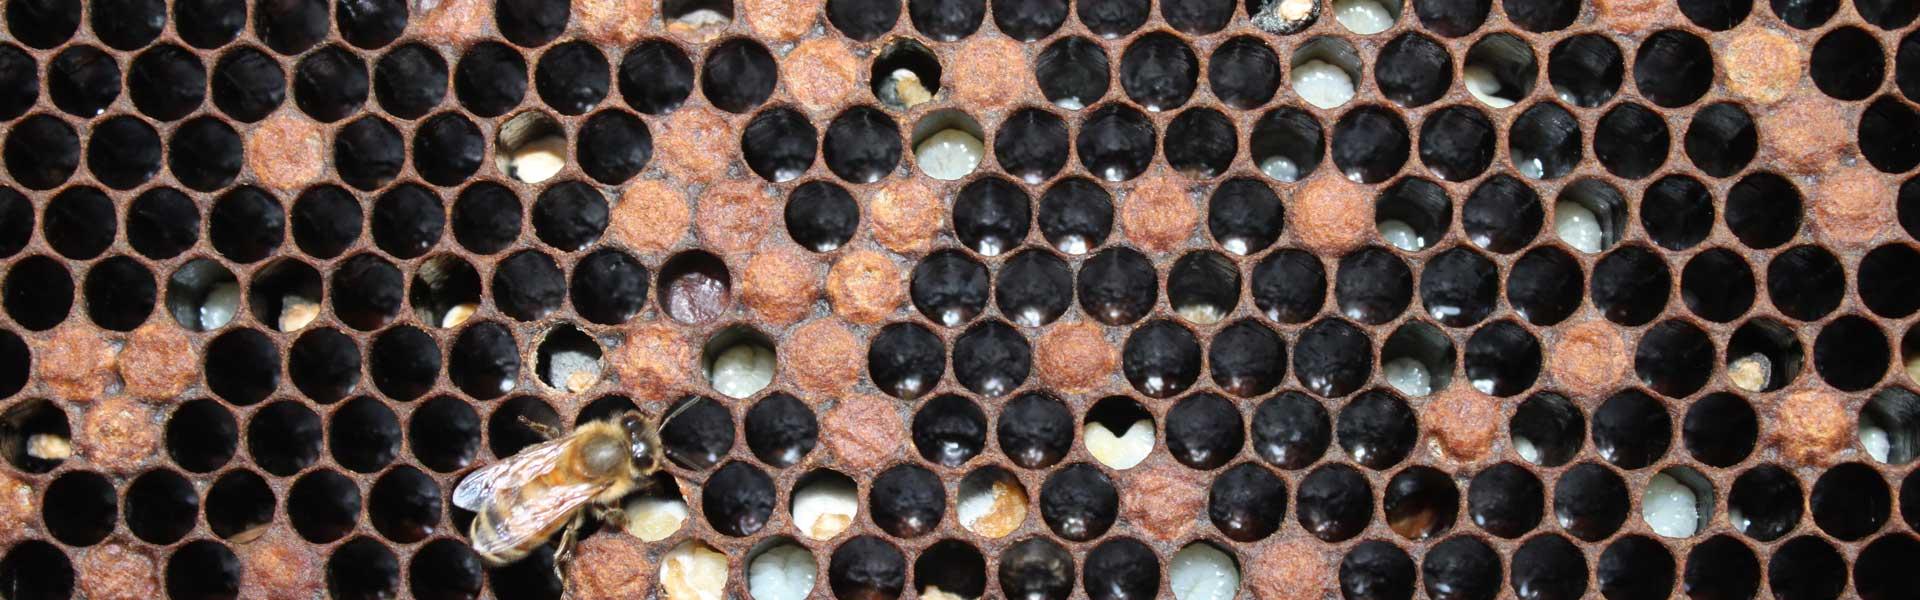 Аскосфероз пчел – признаки и лечение известкового расплода